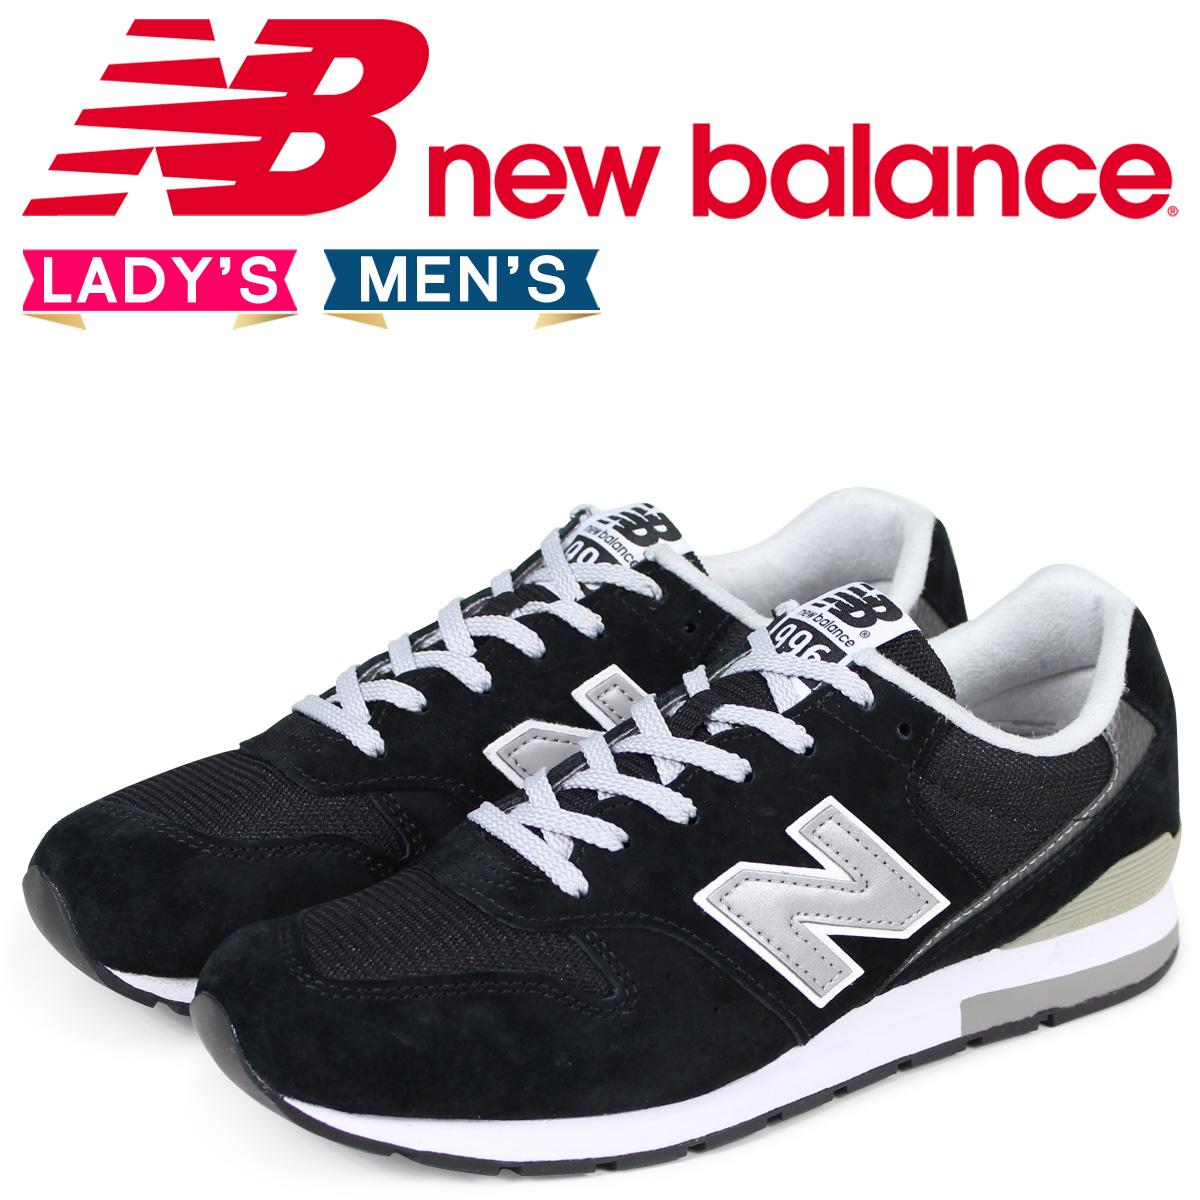 new balance 996 レディース メンズ ニューバランス スニーカー MRL996BL Dワイズ 靴 ブラック 黒